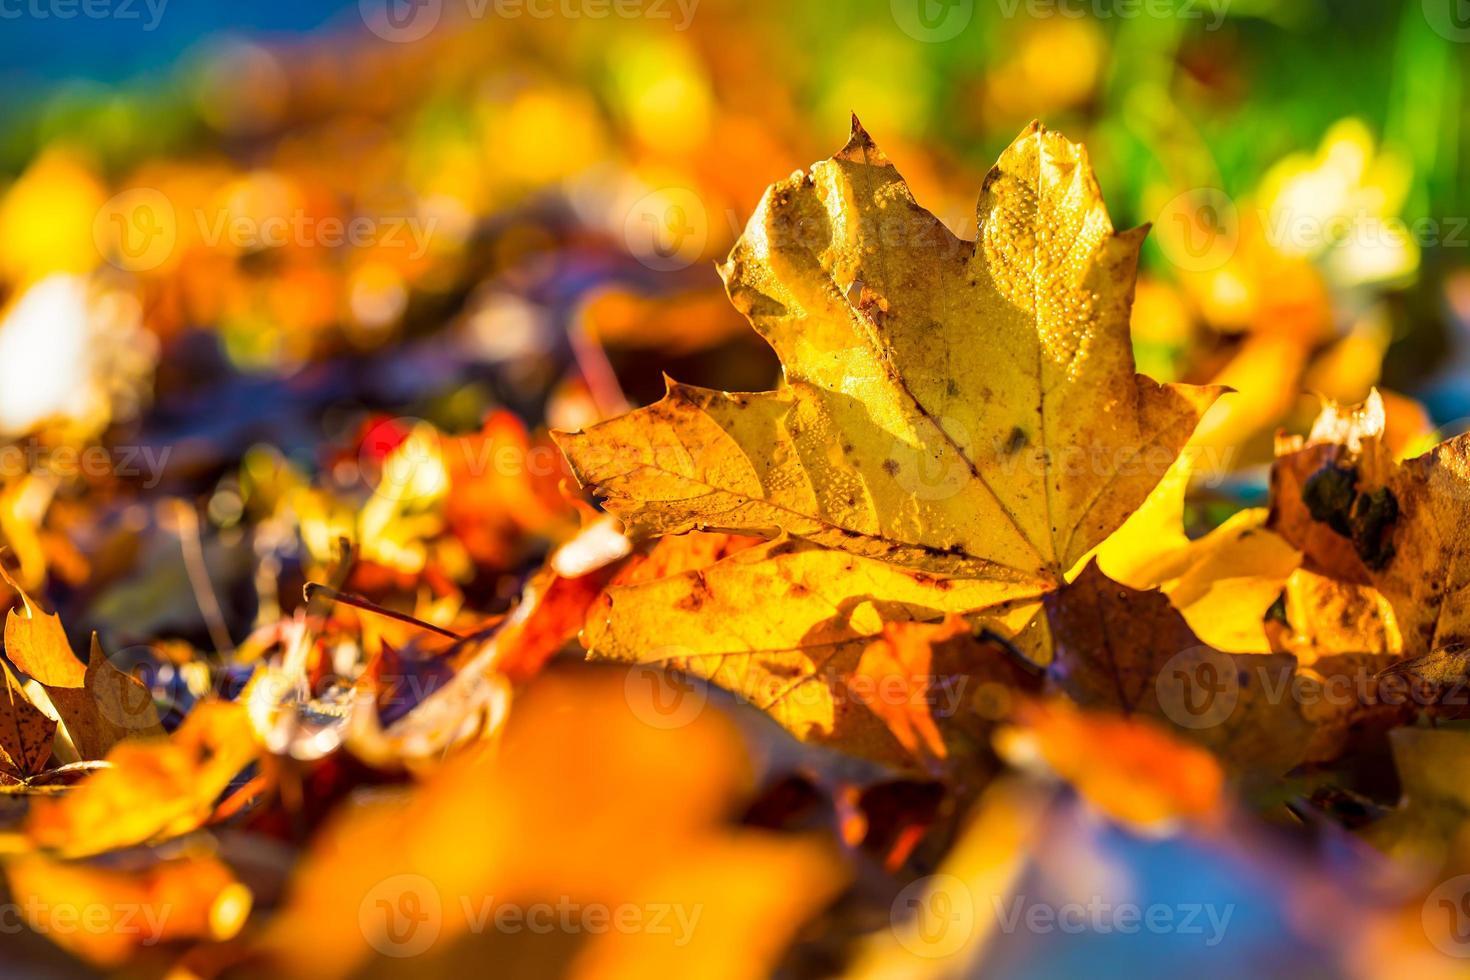 höstlöv i höstfärger och ljus foto